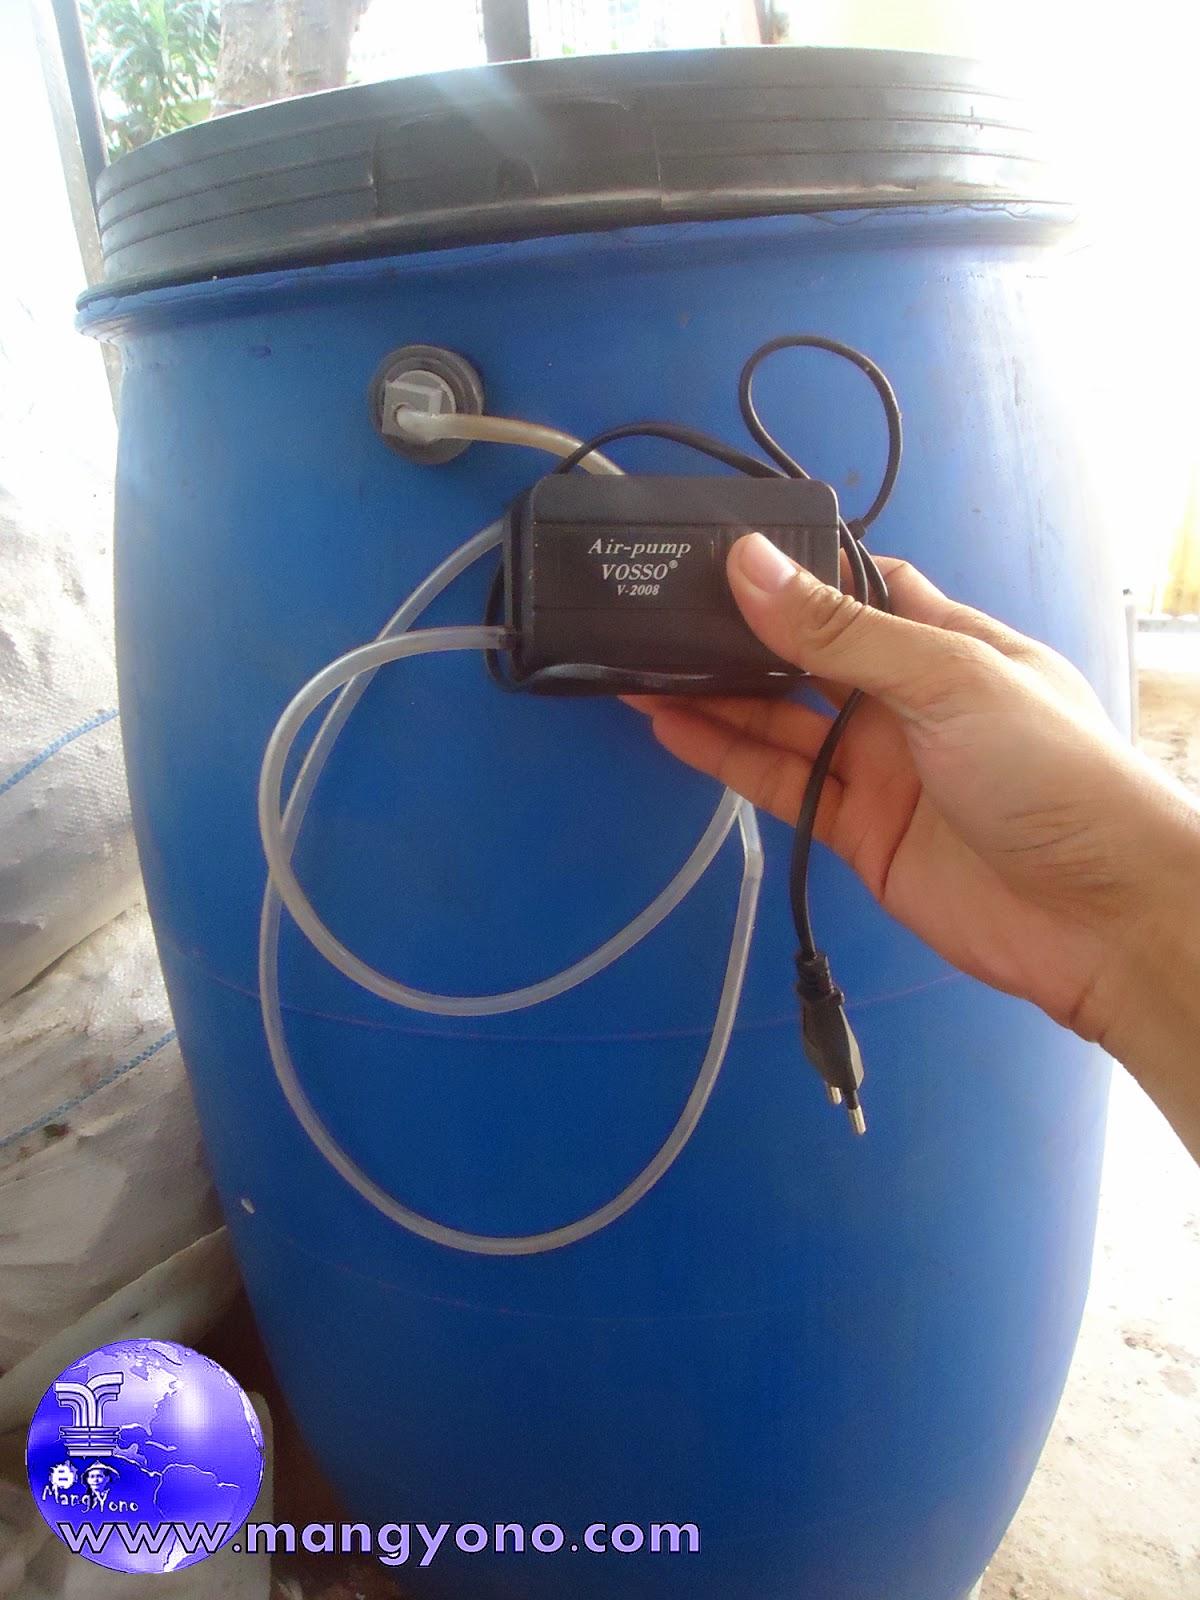 Tabung Ajaib, pompa ini adalah pompa untuk mendorong Pupuk Organik Cair, yang langsung didorong ke Kran.